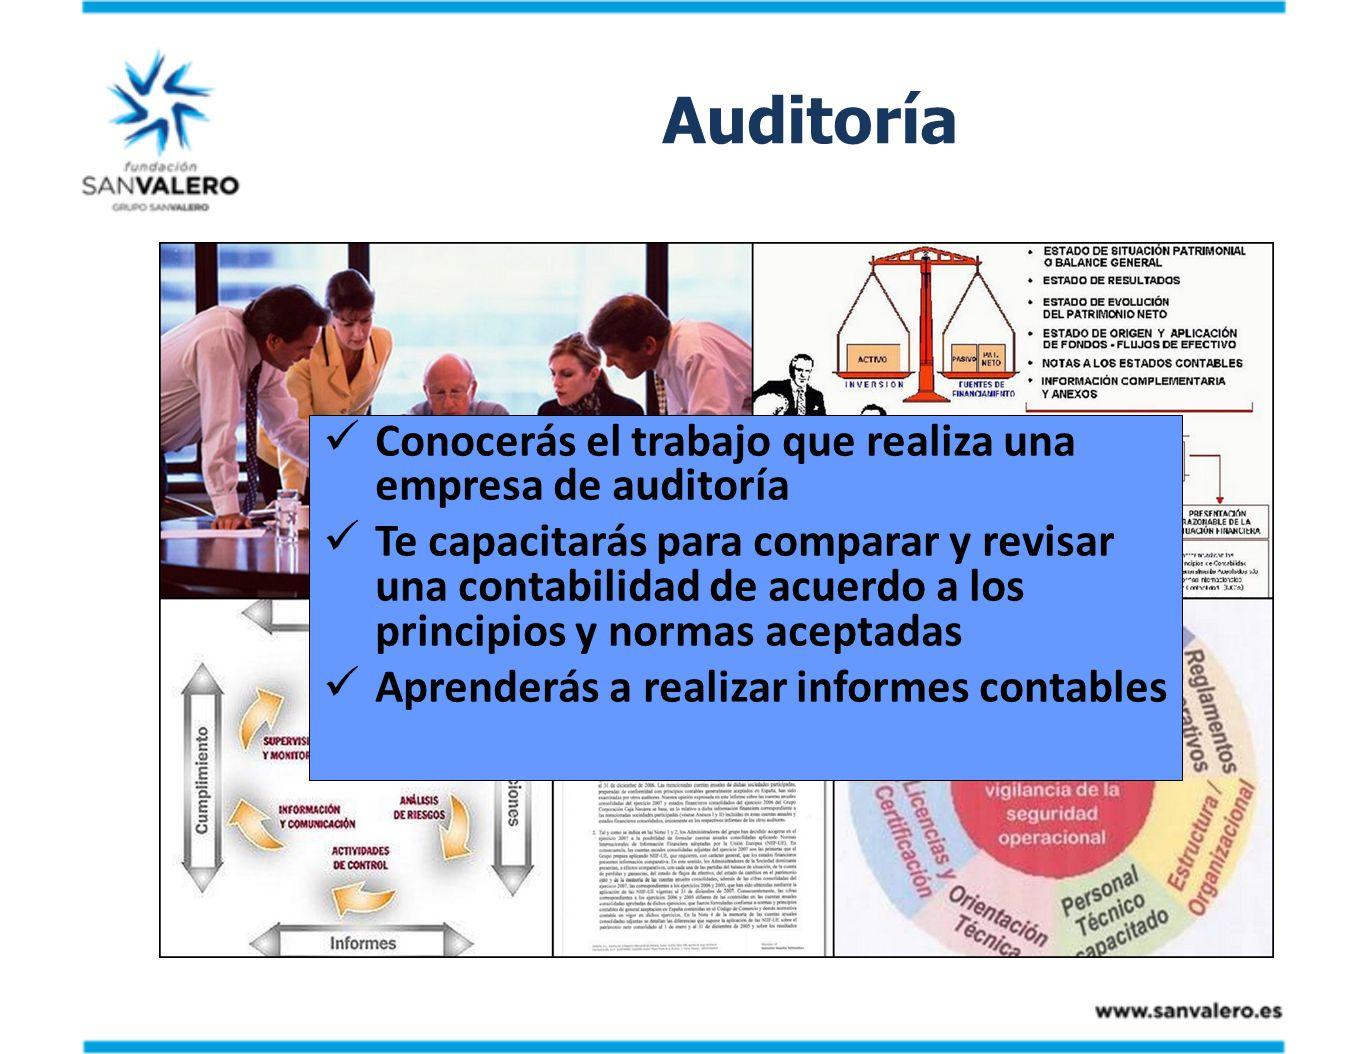 Auditoría Conocerás el trabajo que realiza una empresa de auditoría Te capacitarás para comparar y revisar una contabilidad de acuerdo a los principio